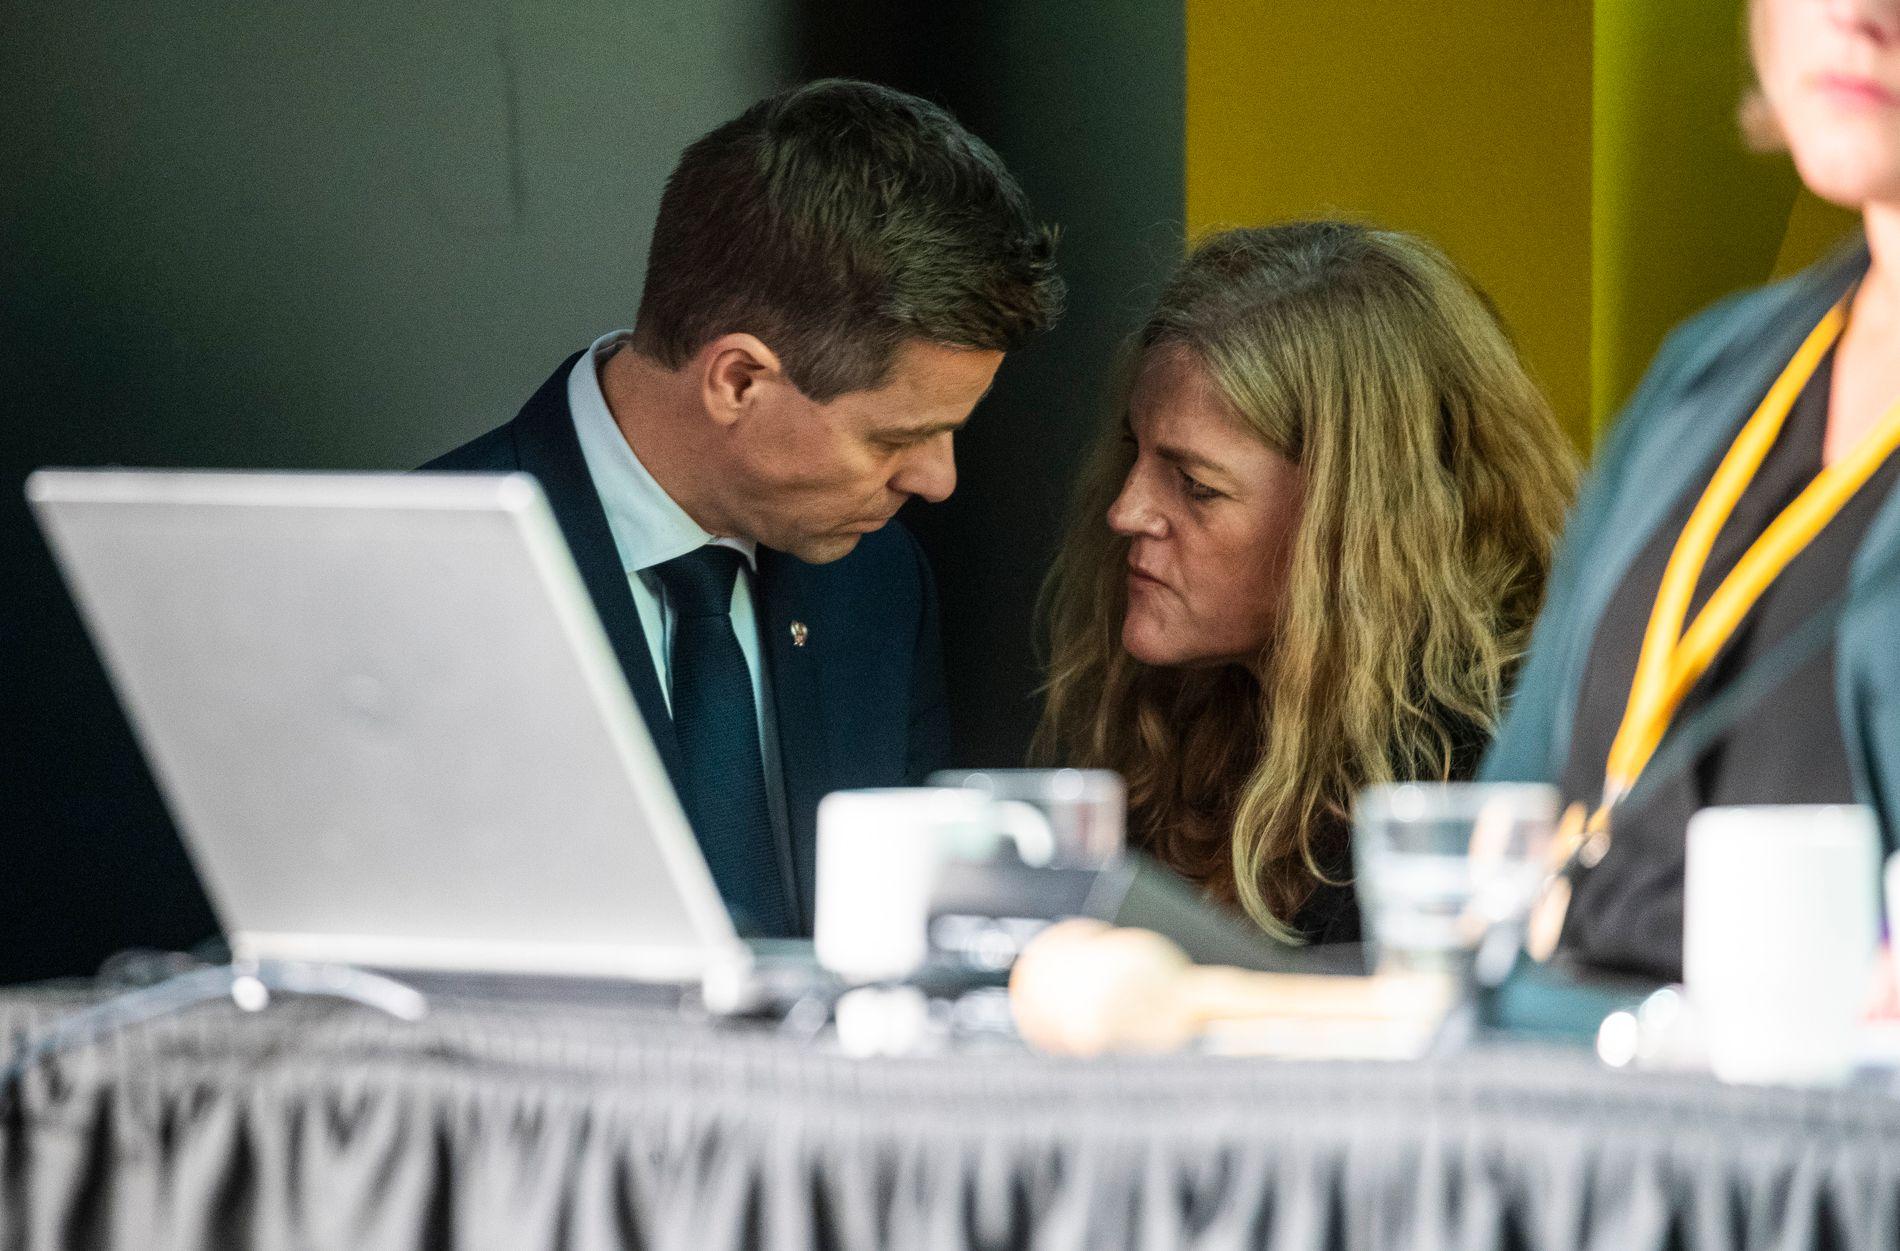 SNAKKET SAMMEN: Leder Knut Arild Hareide i intens samtale med generalsekretær Hilde Frafjord Johnson under KrFs ekstraordinære landsmøte fredag 2. november.